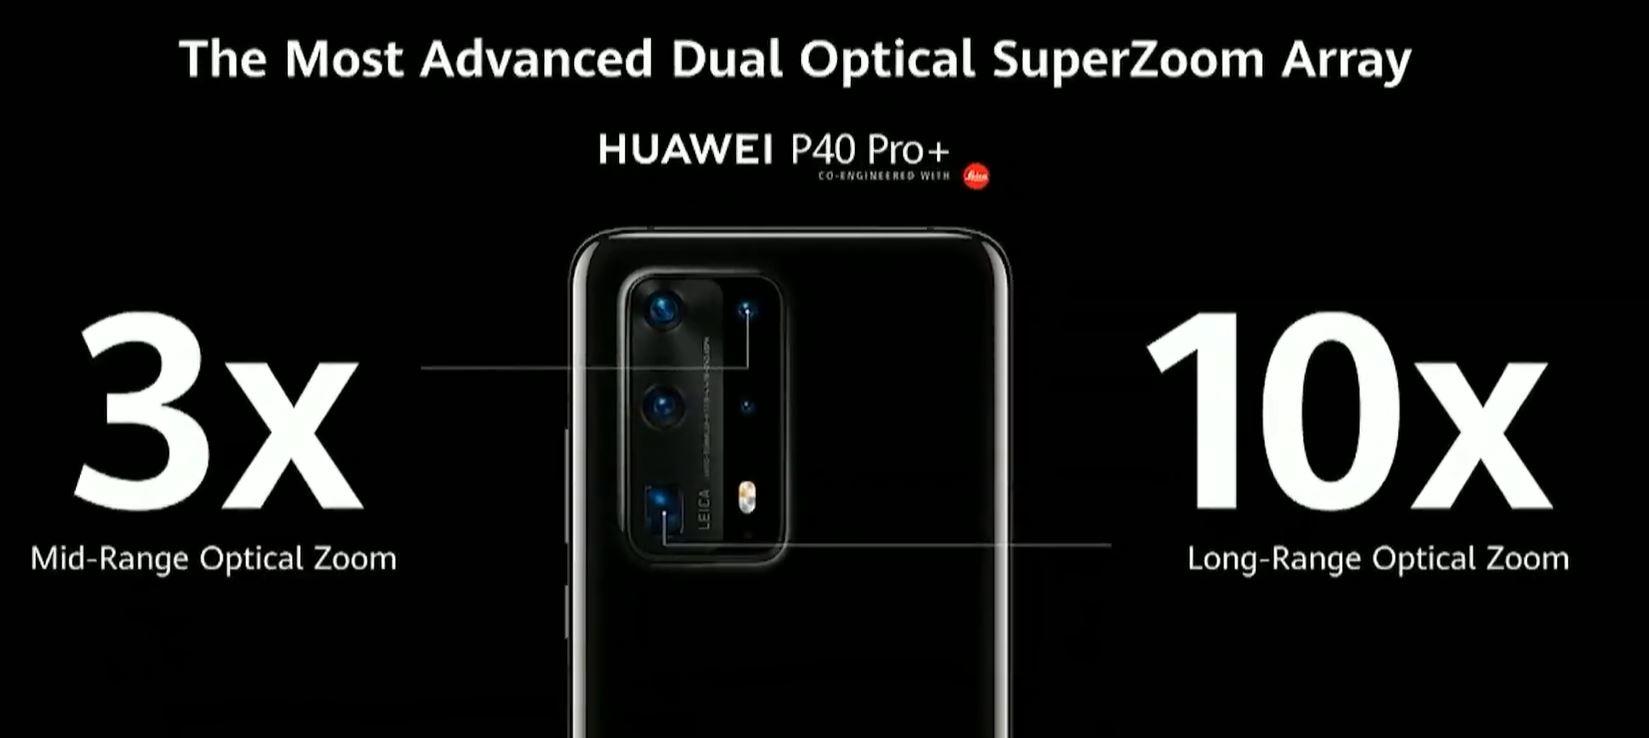 Huawei P40 Pro Plus telefon değil DSLR makine! Bu ne abi?